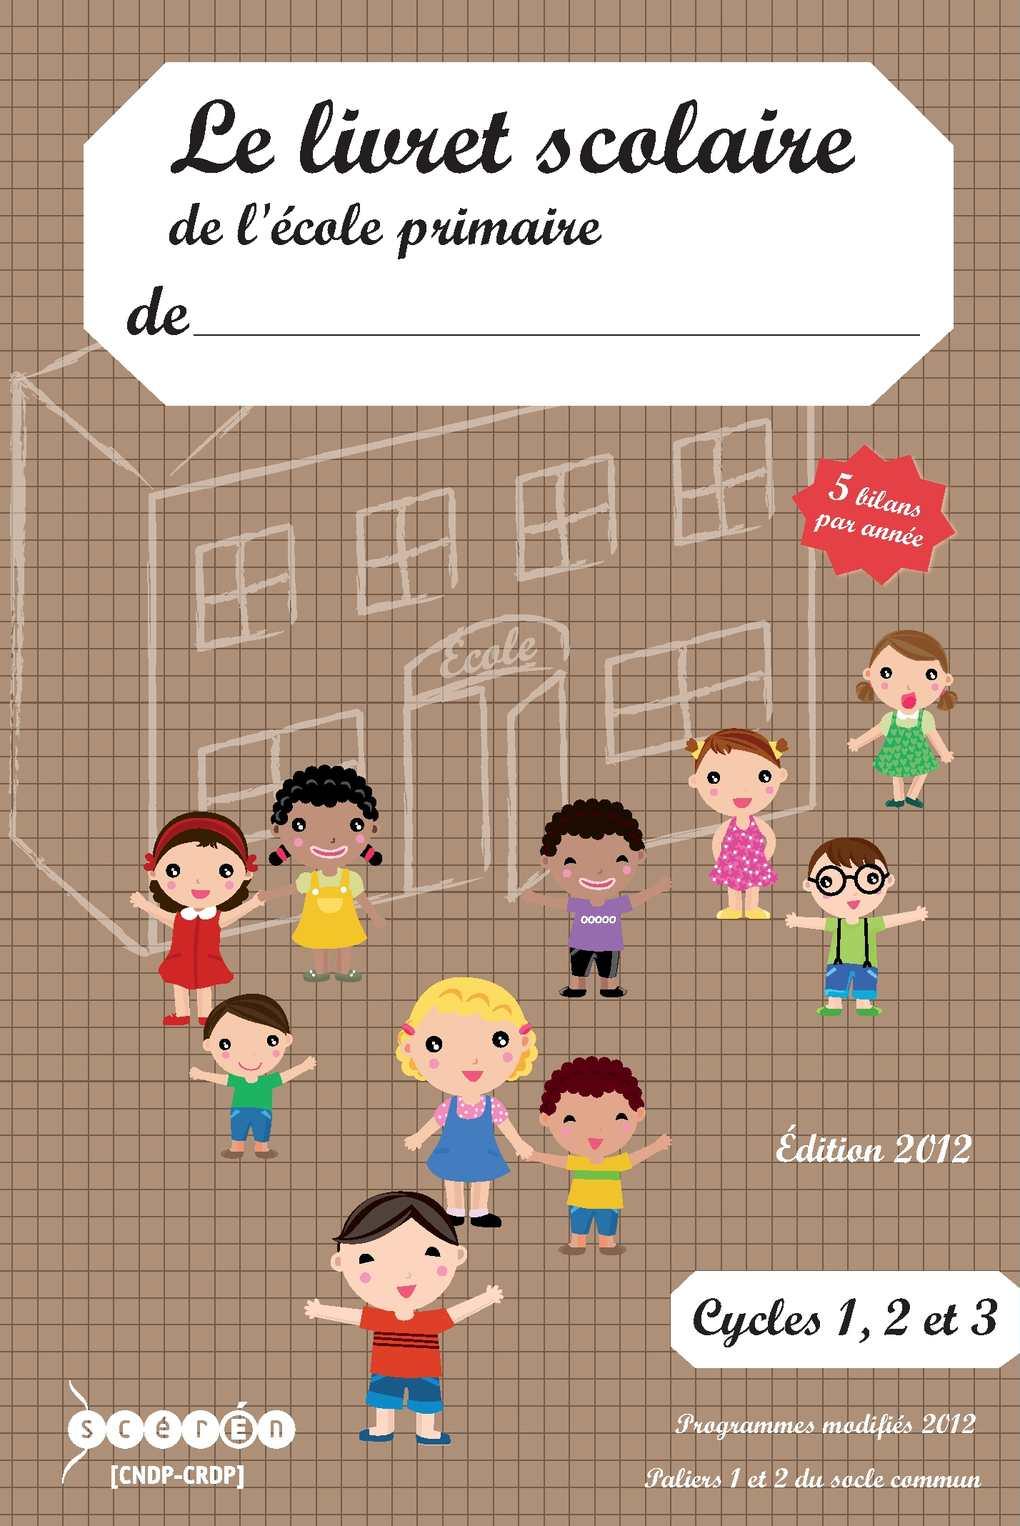 Le livret scolaire de l'école primaire Cycles 2 et 3. 5 bilans par année édition 2012 - CRDP du Centre